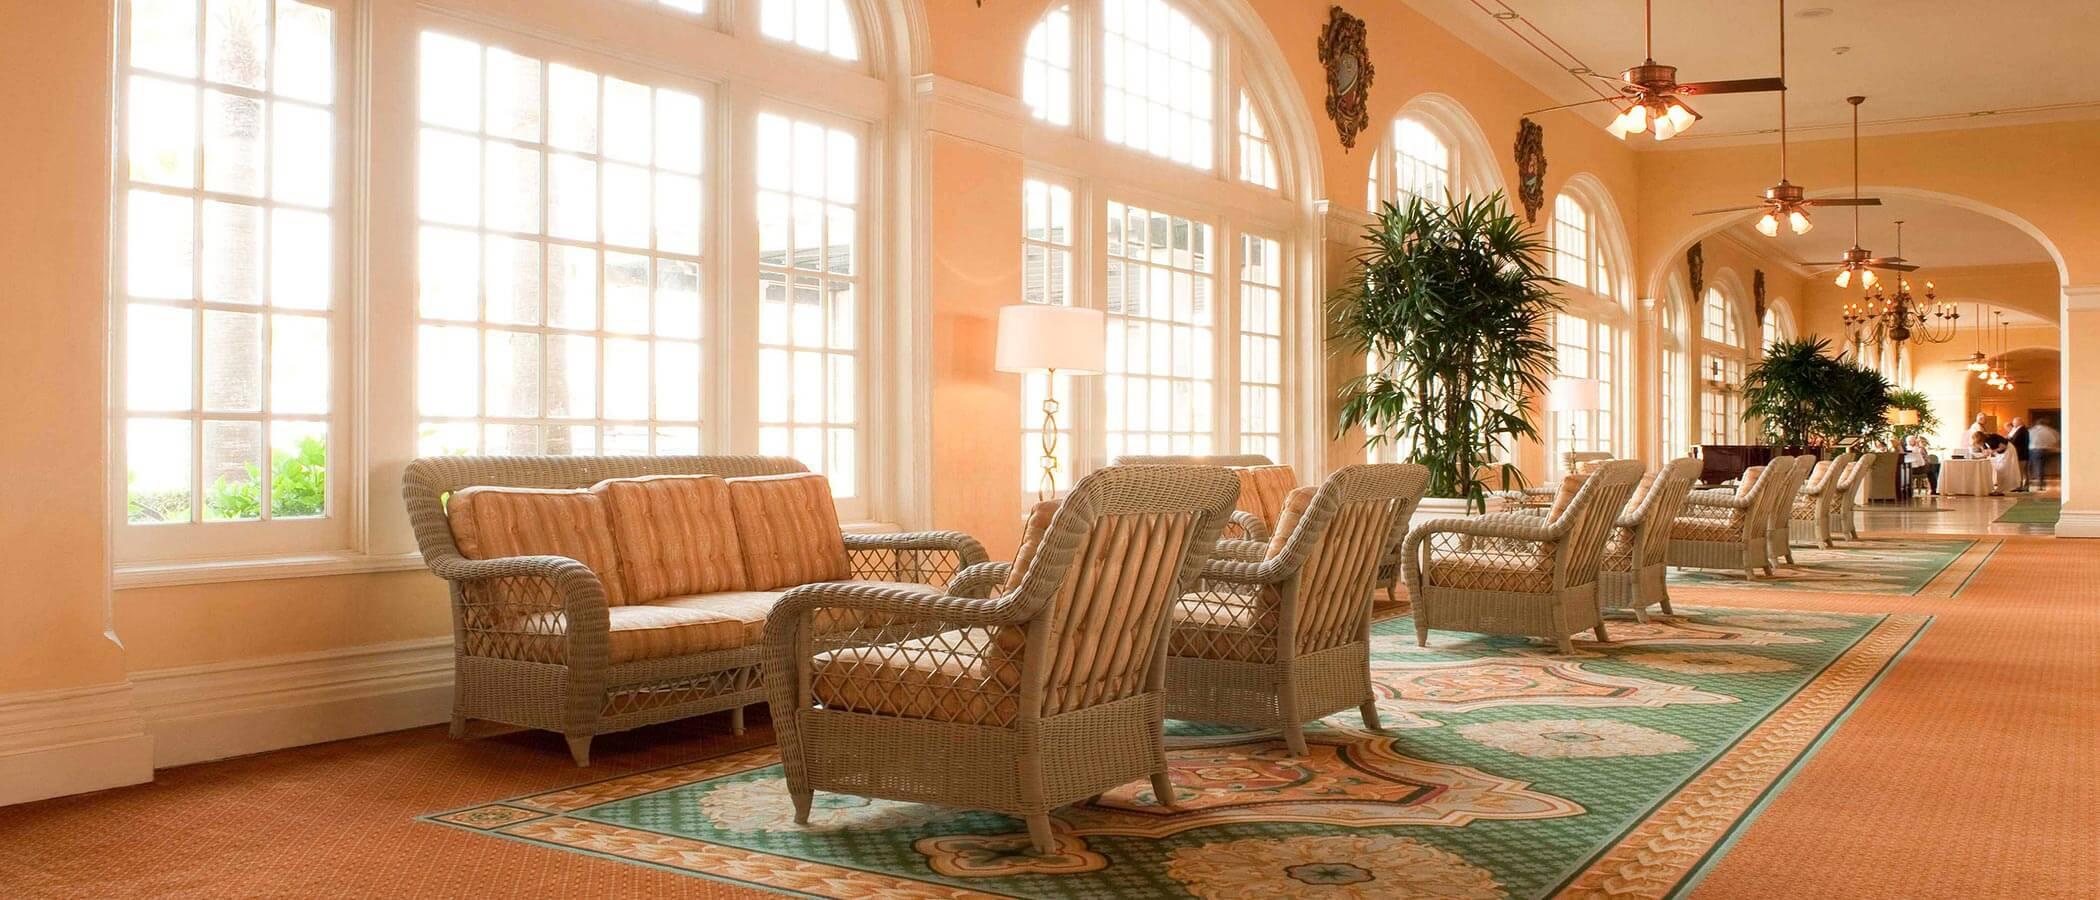 Hotel-Galvez-Lobby-Galveston